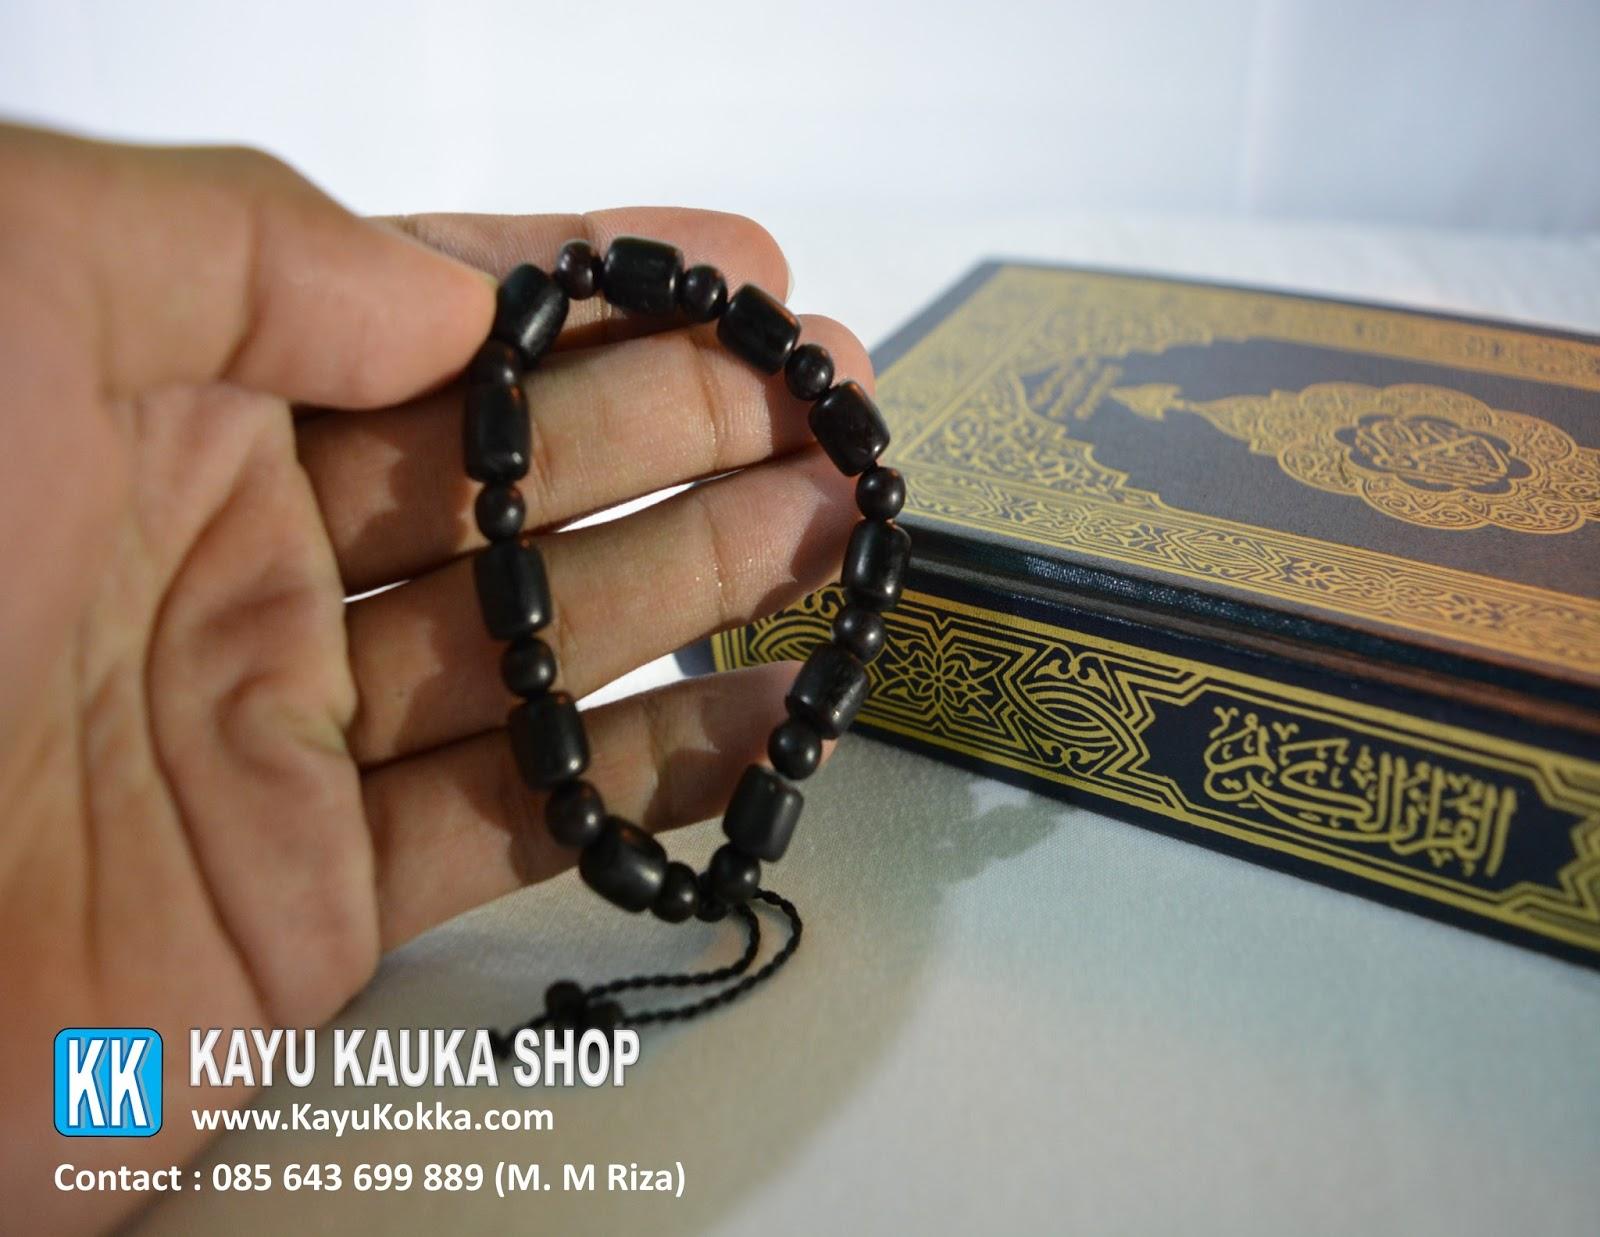 Jual Gelang Tasbih Kayu Kokka Kaukah Asli Turki Original Koka Kauka Kaoka Warna Hitam Berkaromah